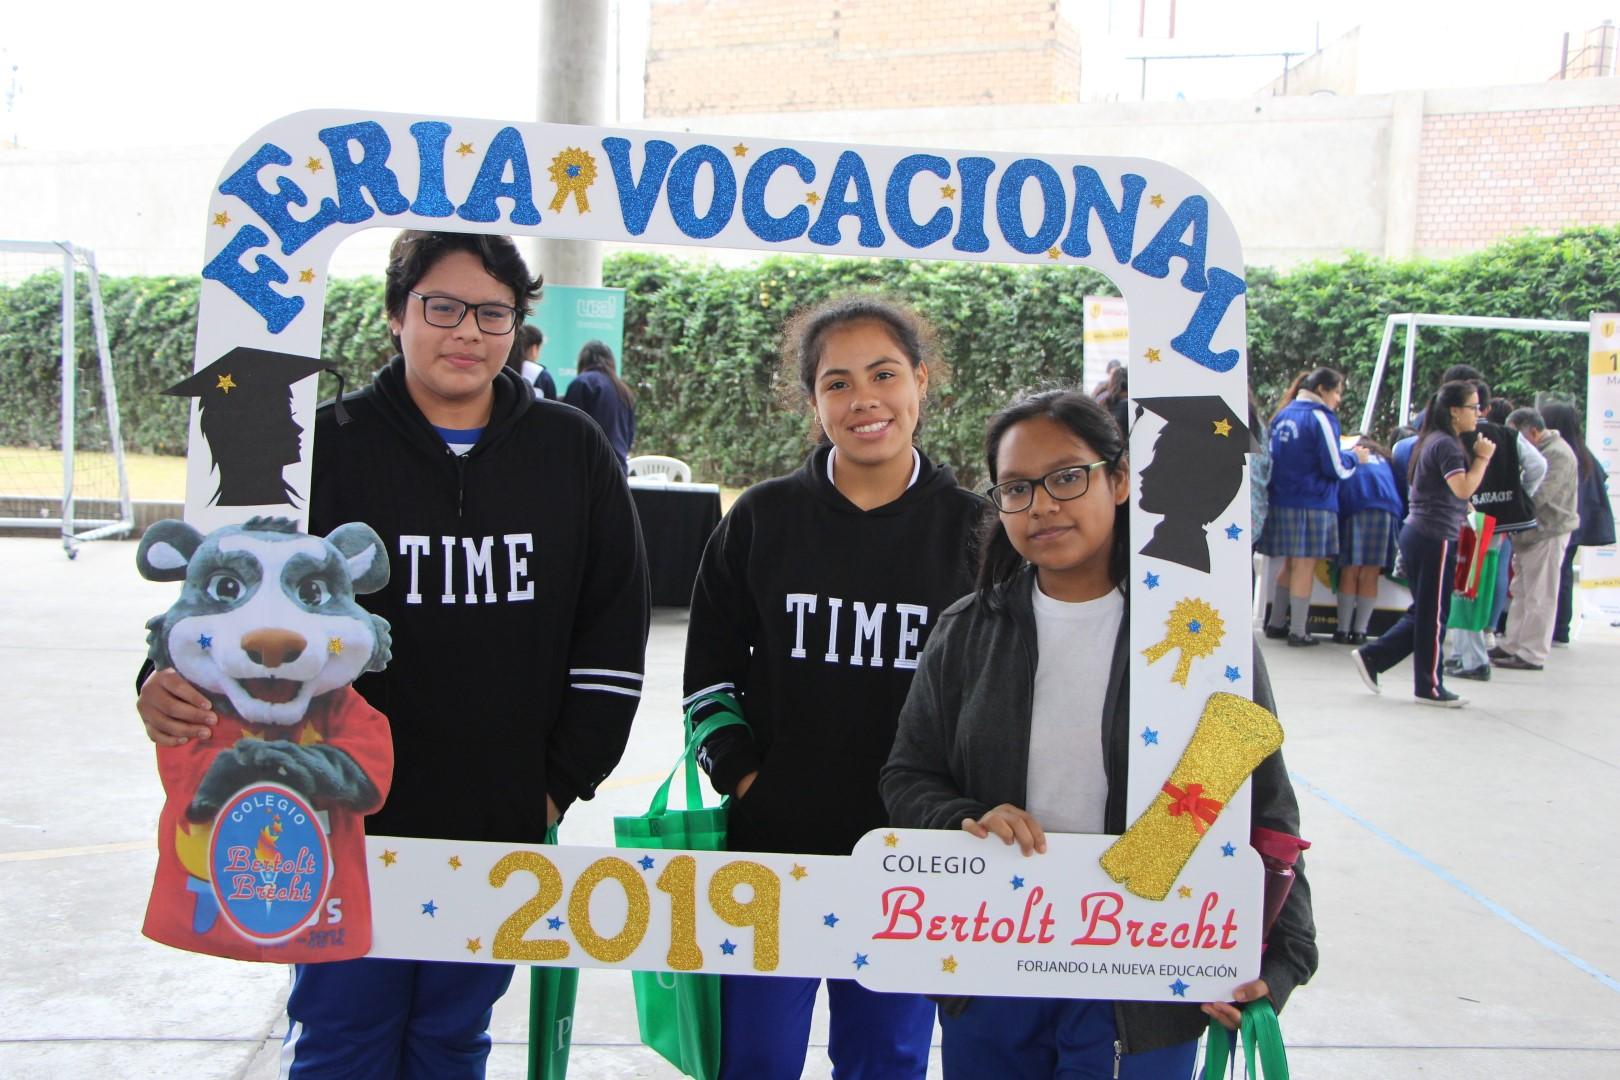 Feria vocacional 2019 (27)